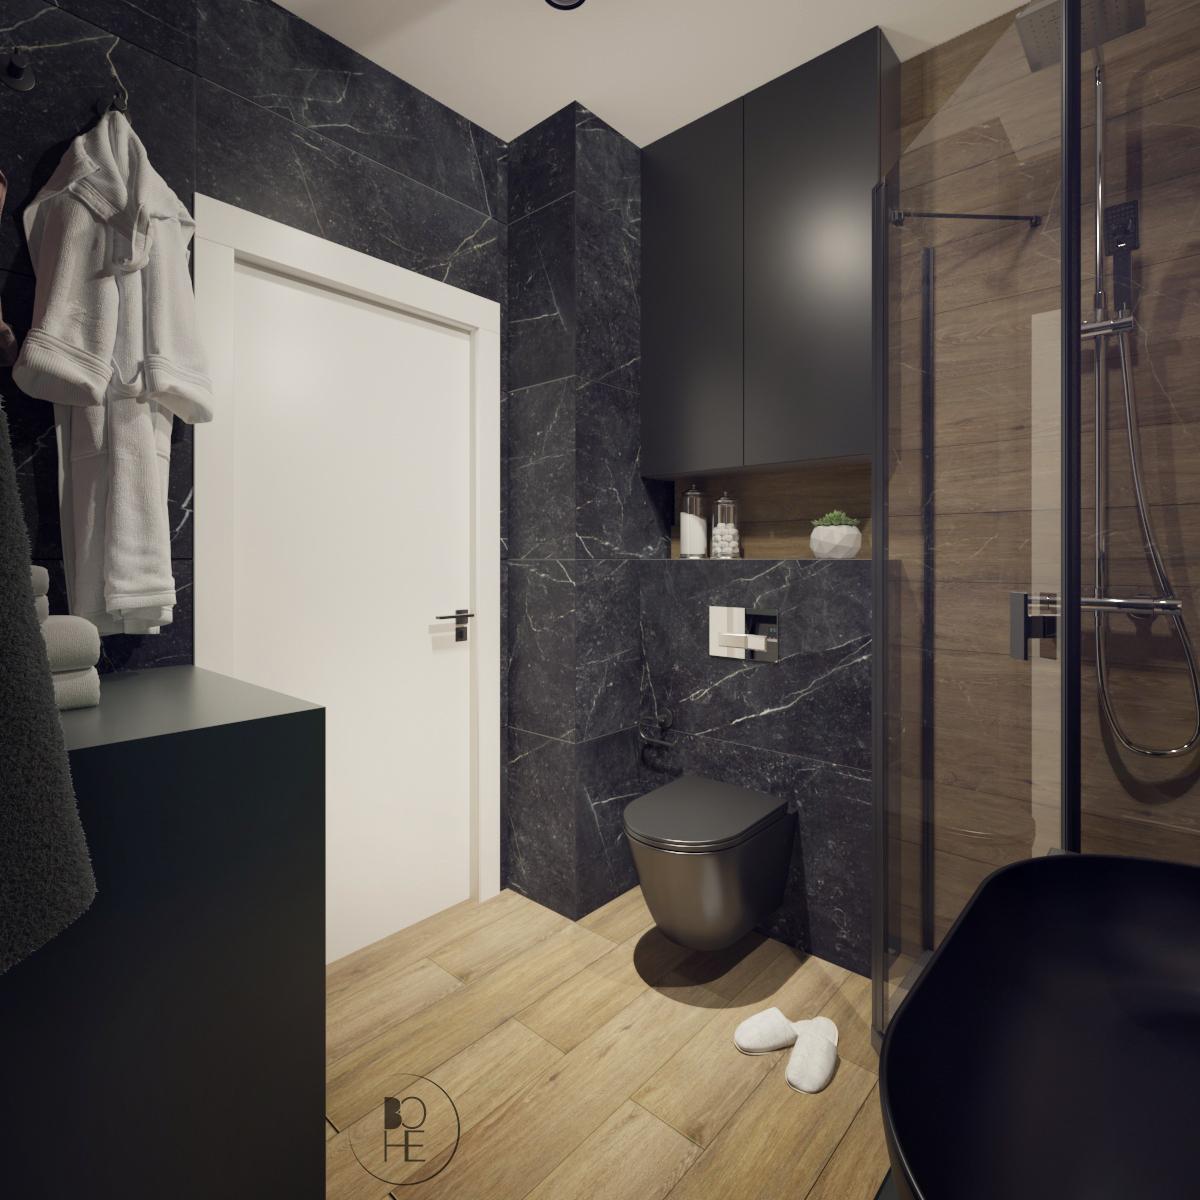 biuro projektowe Łódź Projekt łazienki w ciemnych barwach z zielonymi akcentami drewnopodobnymi płytkami